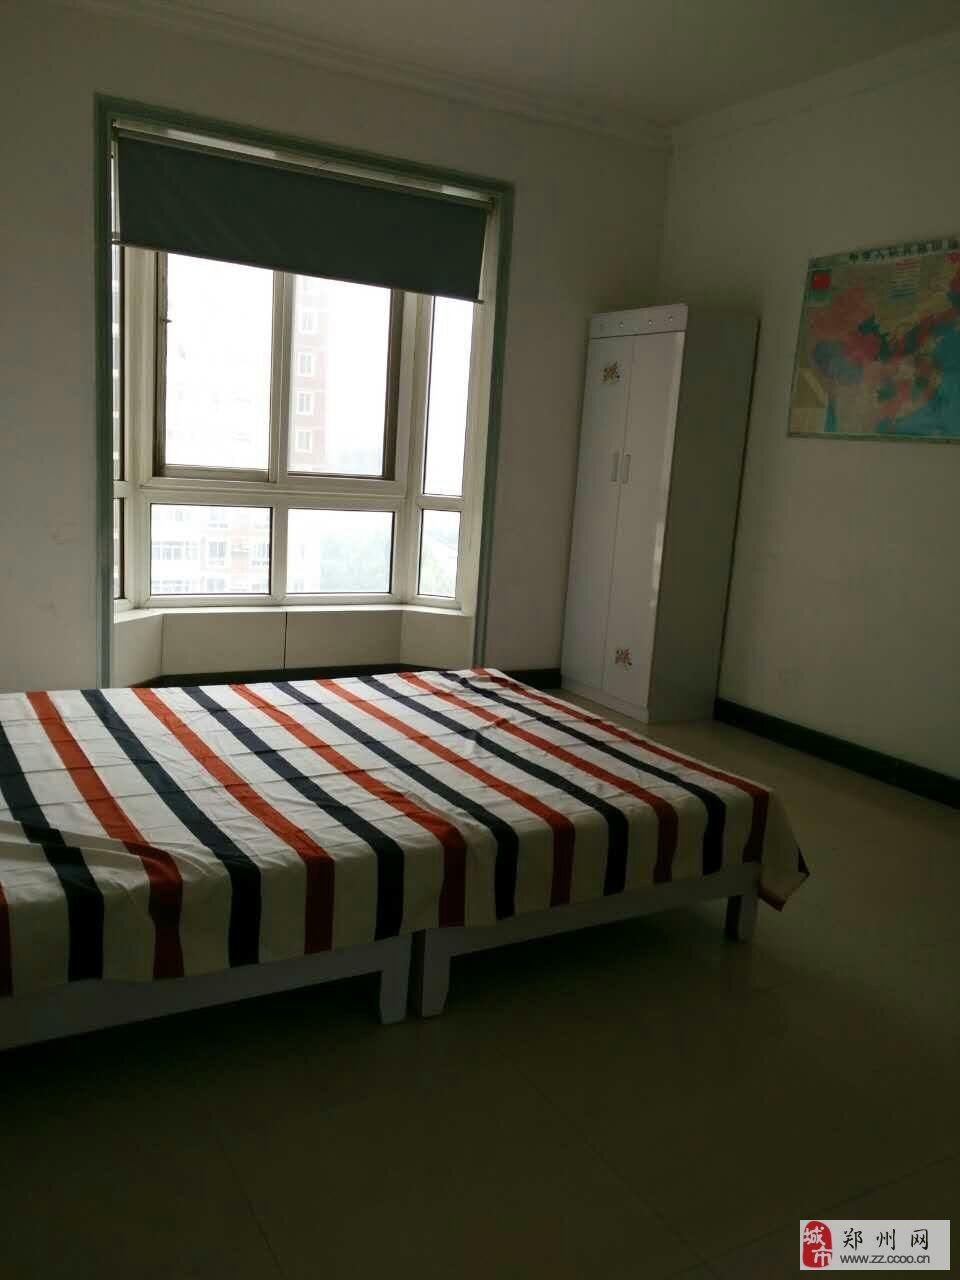 陇海路未来路升龙国际中心3室1厅1卫次卧出租